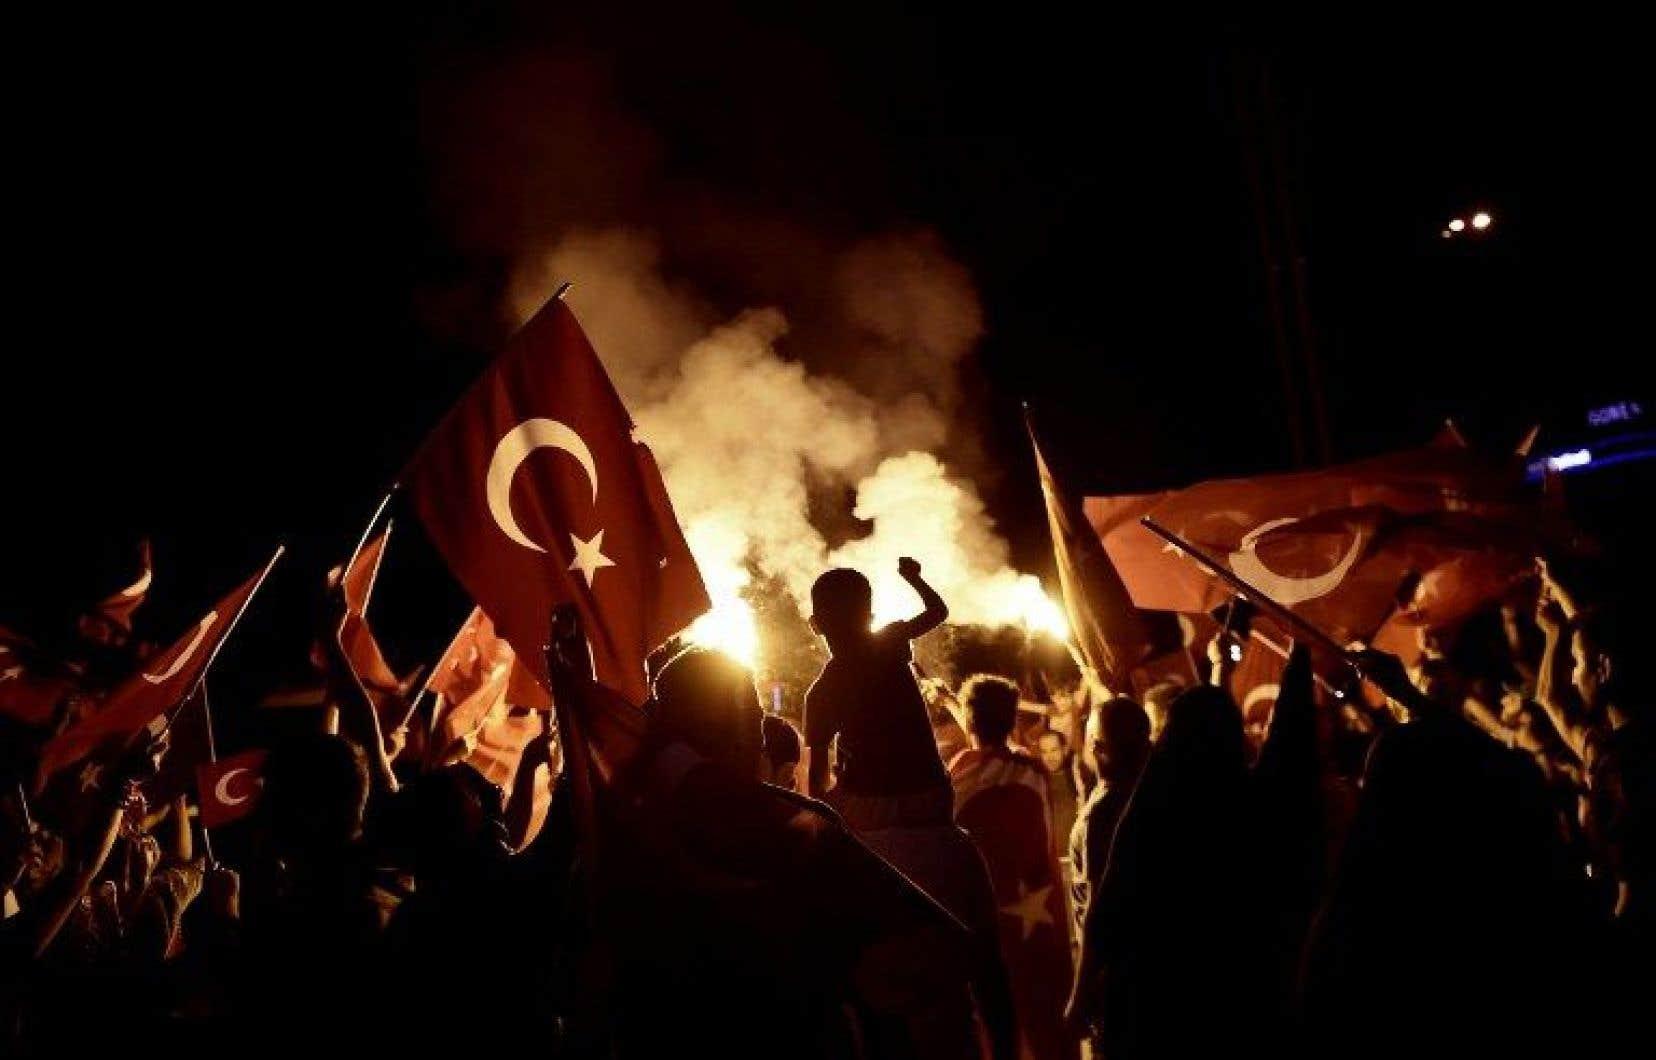 Après l'échec de la tentative de coup d'État en Turquie, les partisans du président Erdogan restent mobilisés.